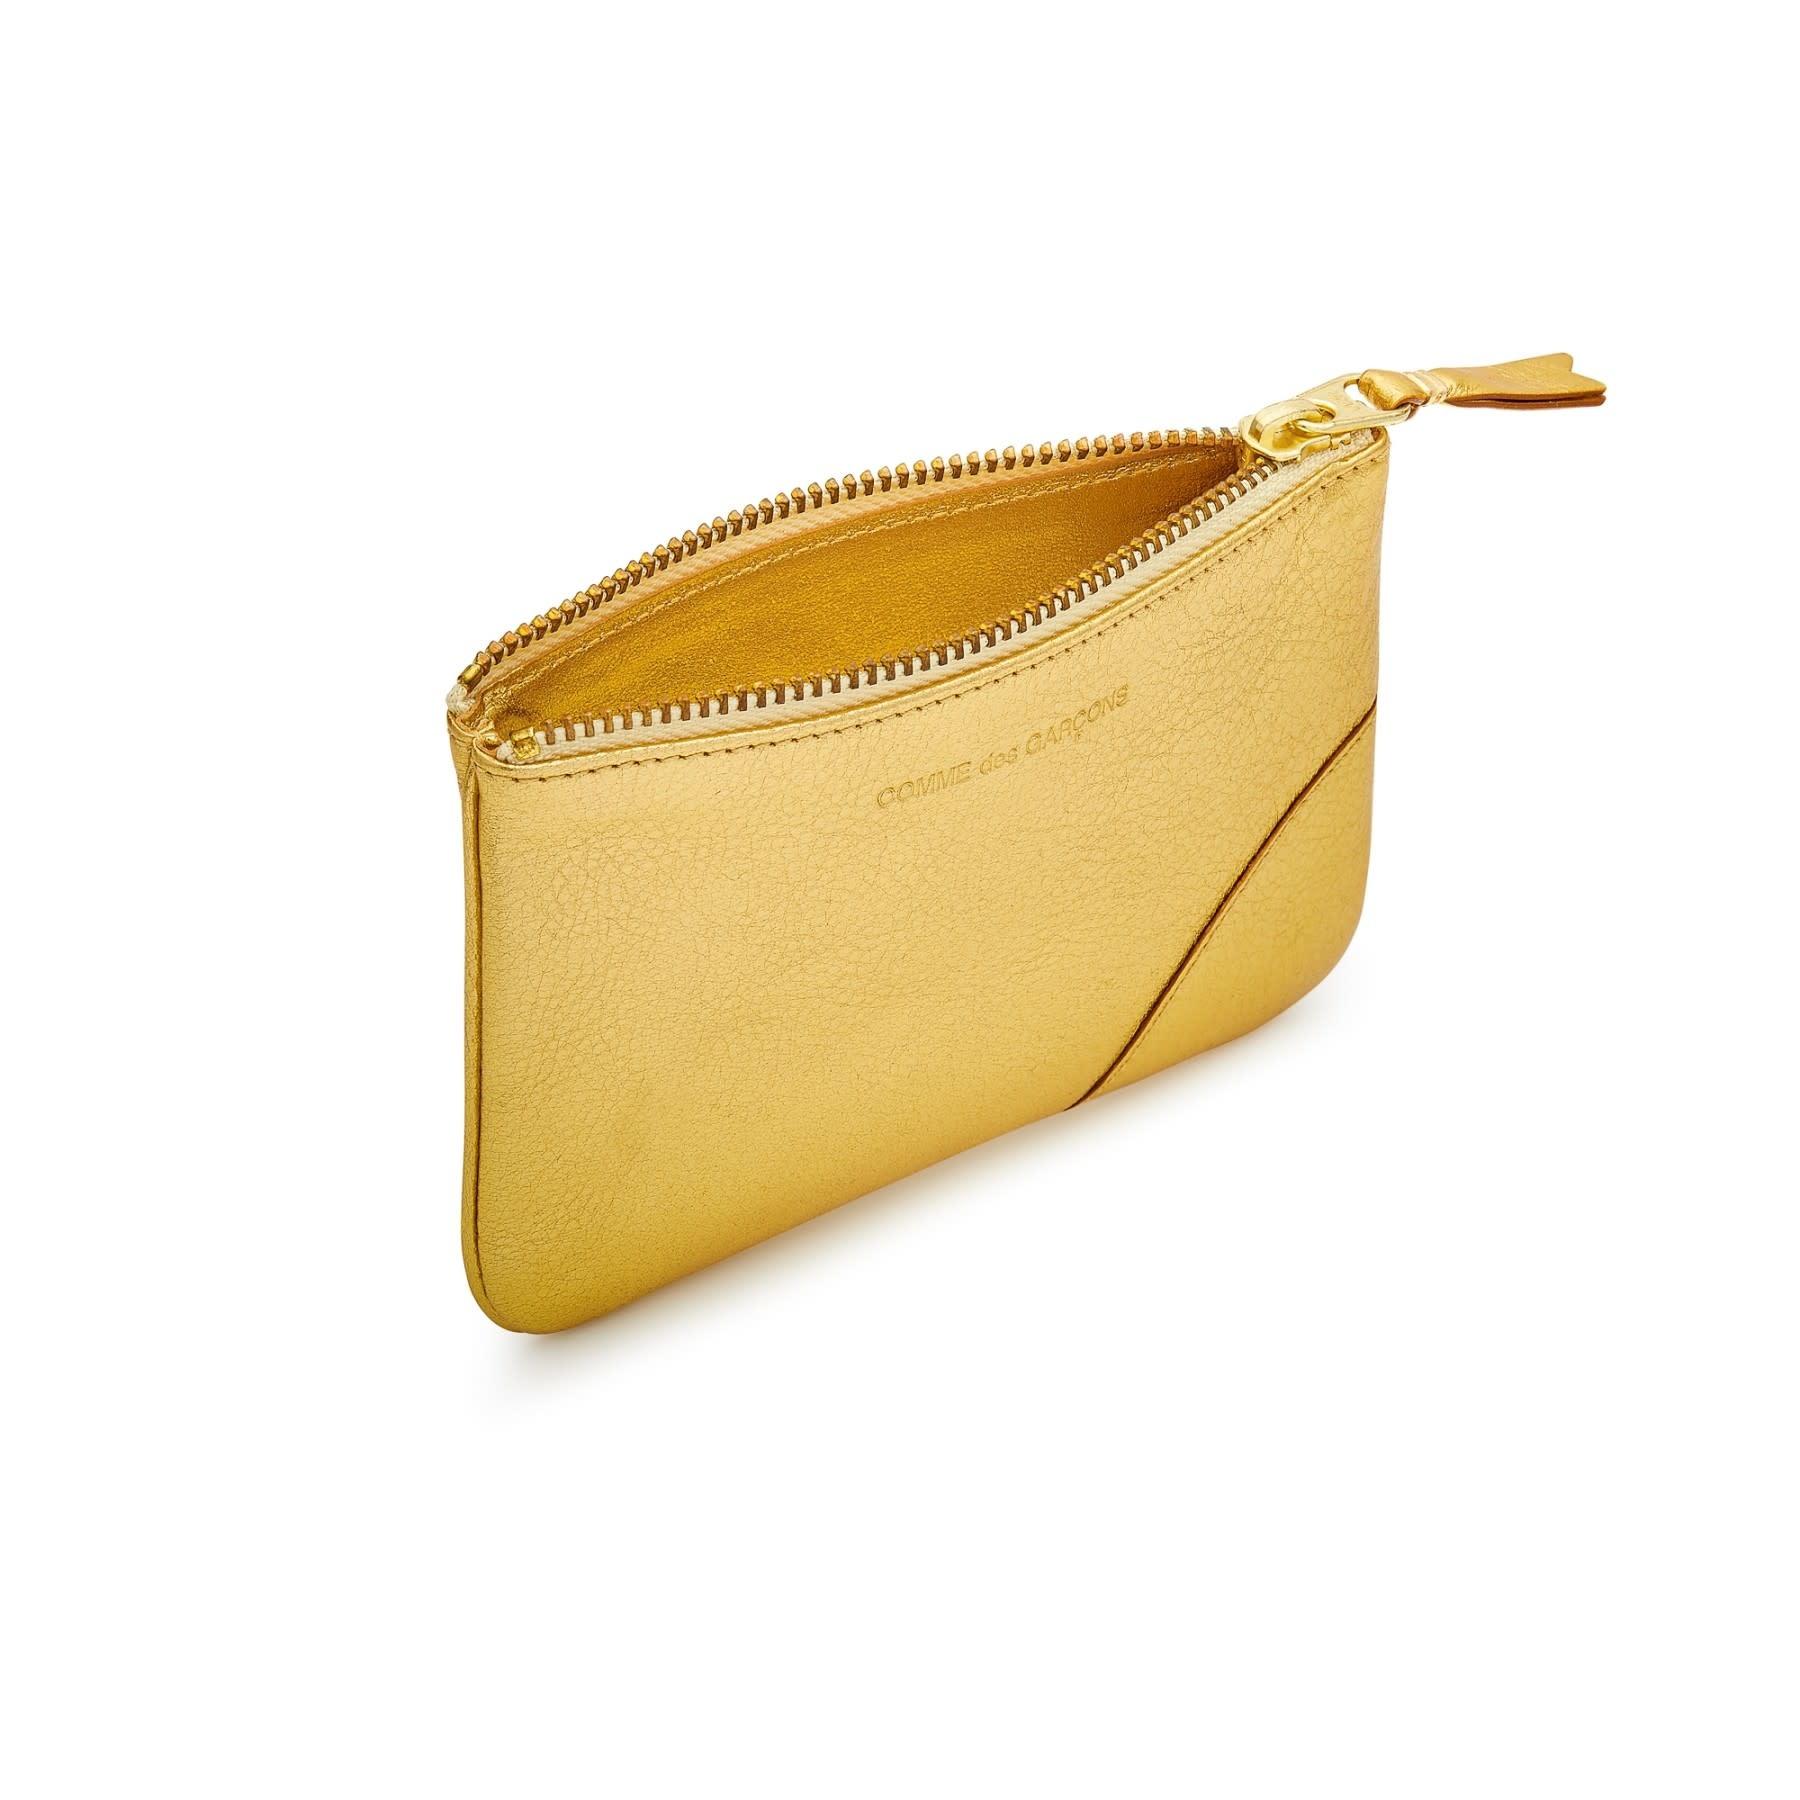 COMME des GARÇONS WALLET Small Zip Pouch Gold Foil SA8100G